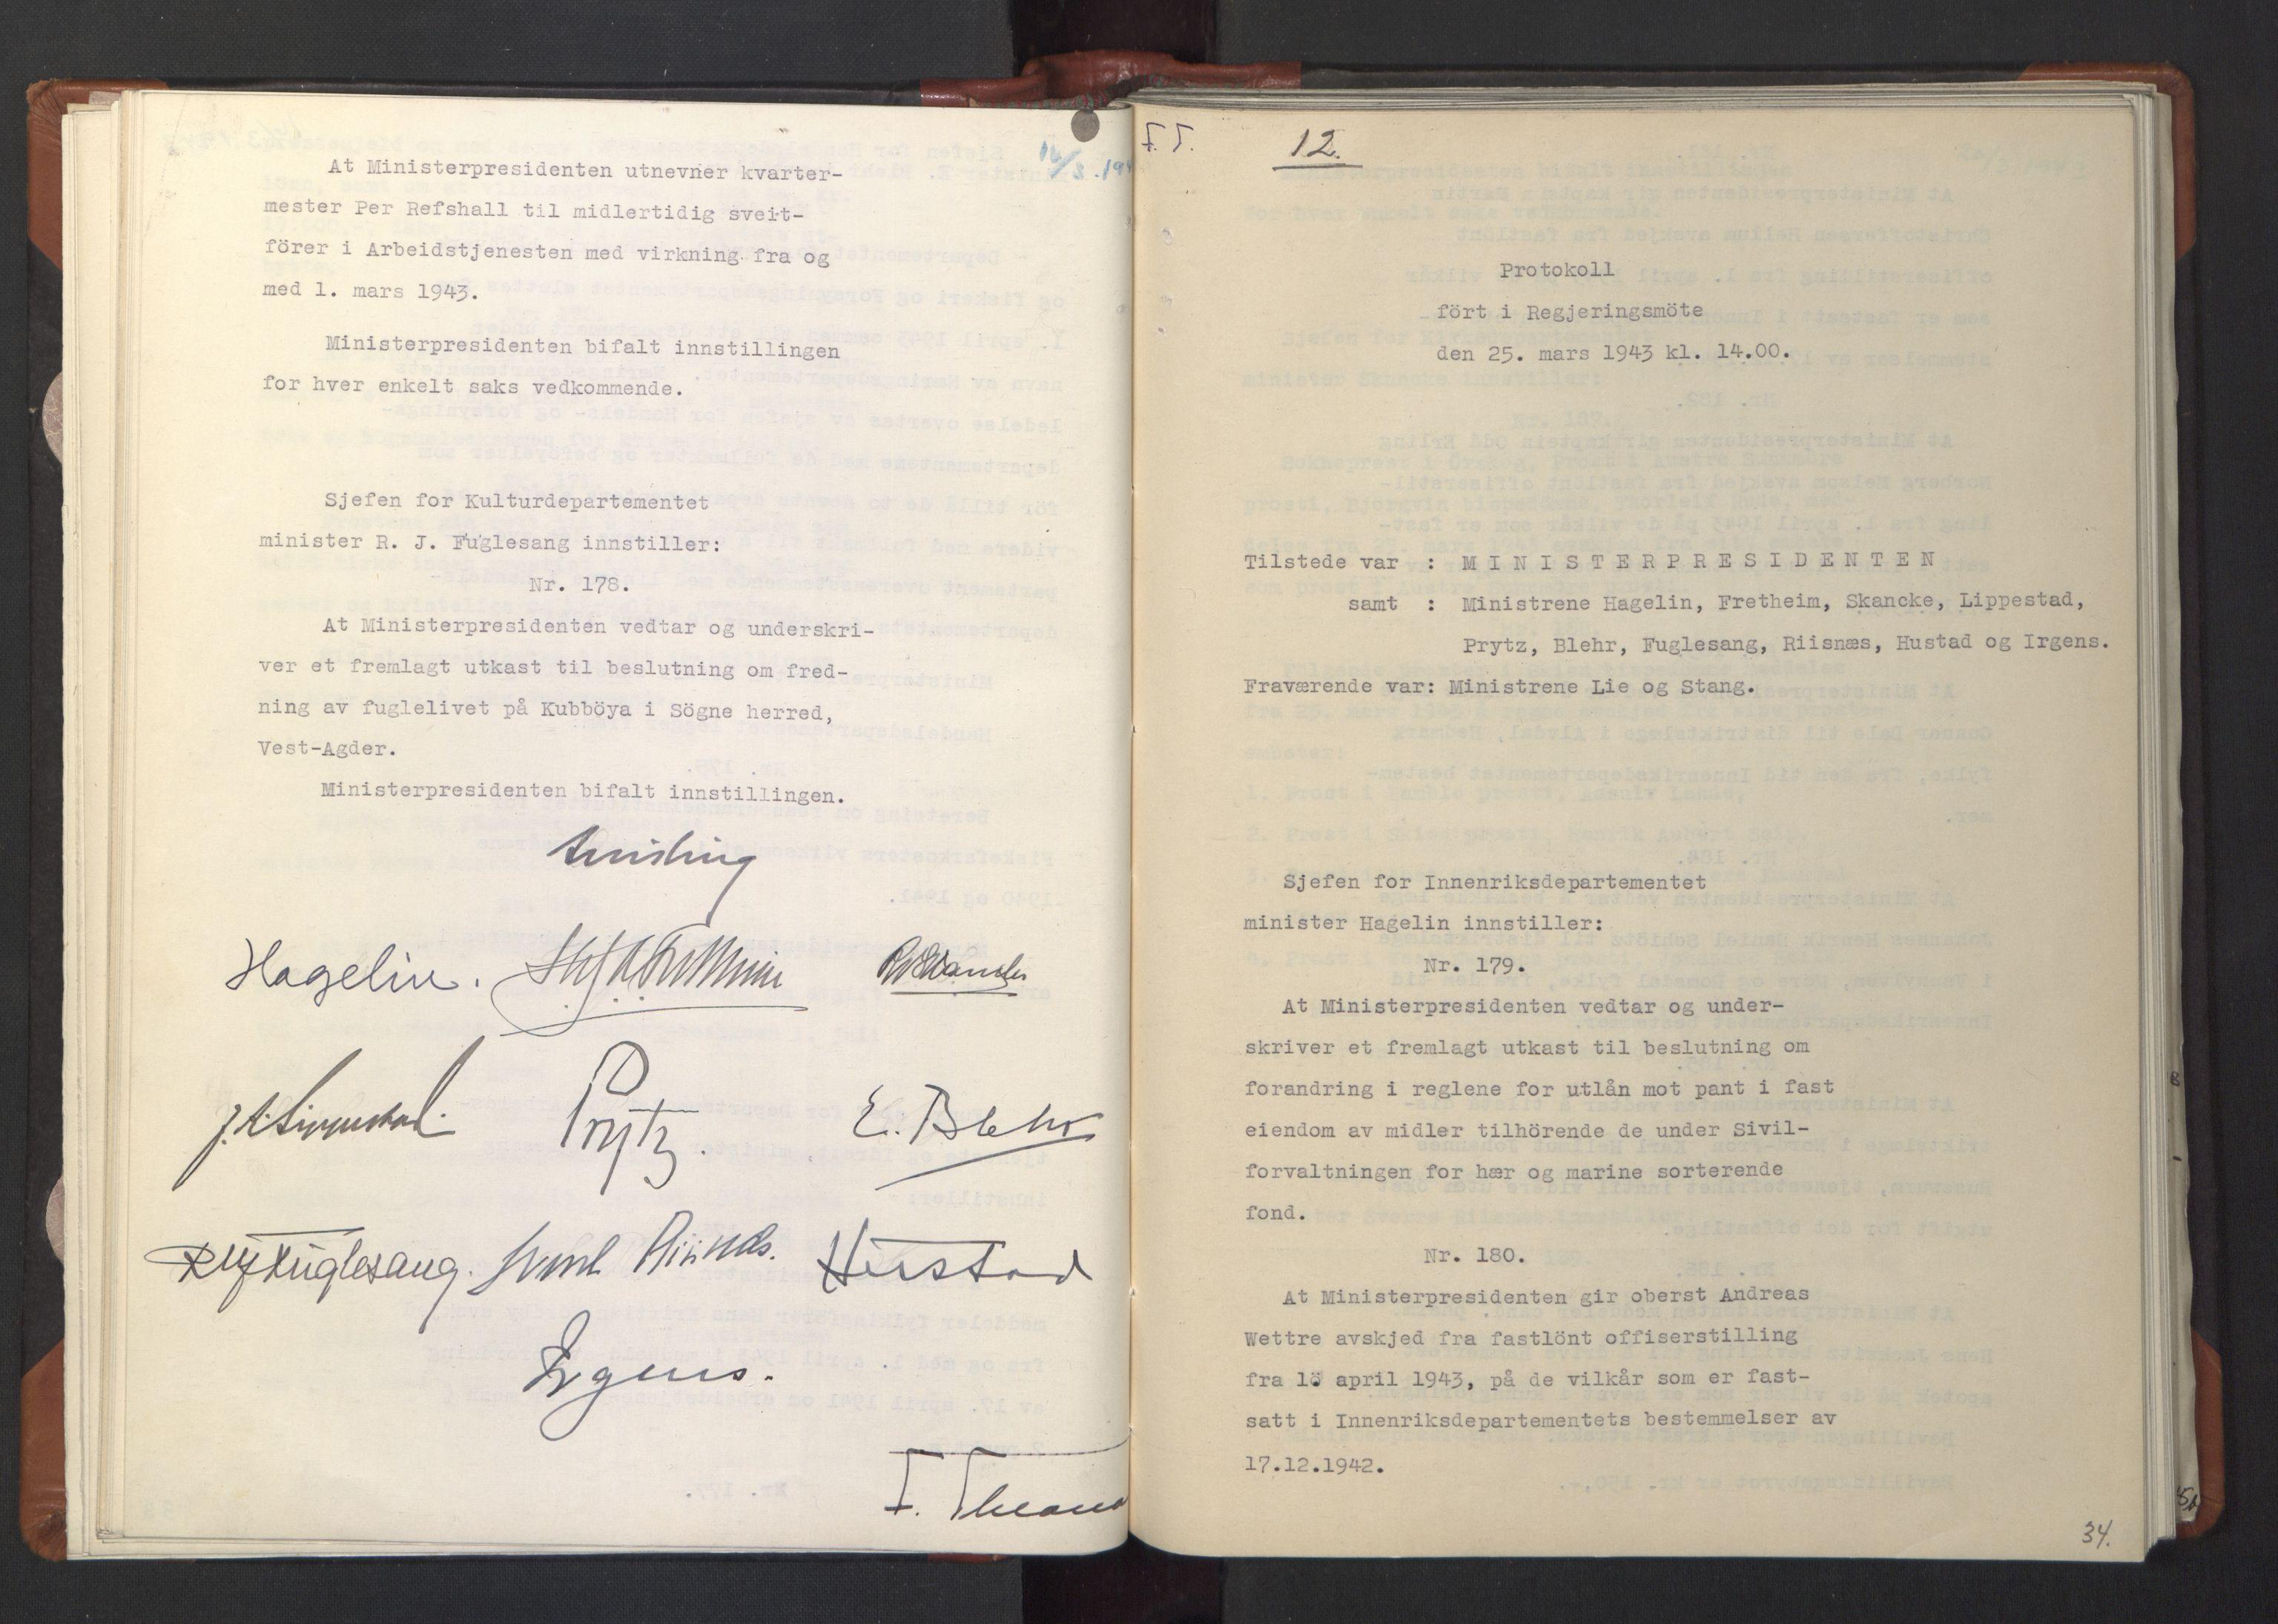 RA, NS-administrasjonen 1940-1945 (Statsrådsekretariatet, de kommisariske statsråder mm), D/Da/L0003: Vedtak (Beslutninger) nr. 1-746 og tillegg nr. 1-47 (RA. j.nr. 1394/1944, tilgangsnr. 8/1944, 1943, s. 33b-34a